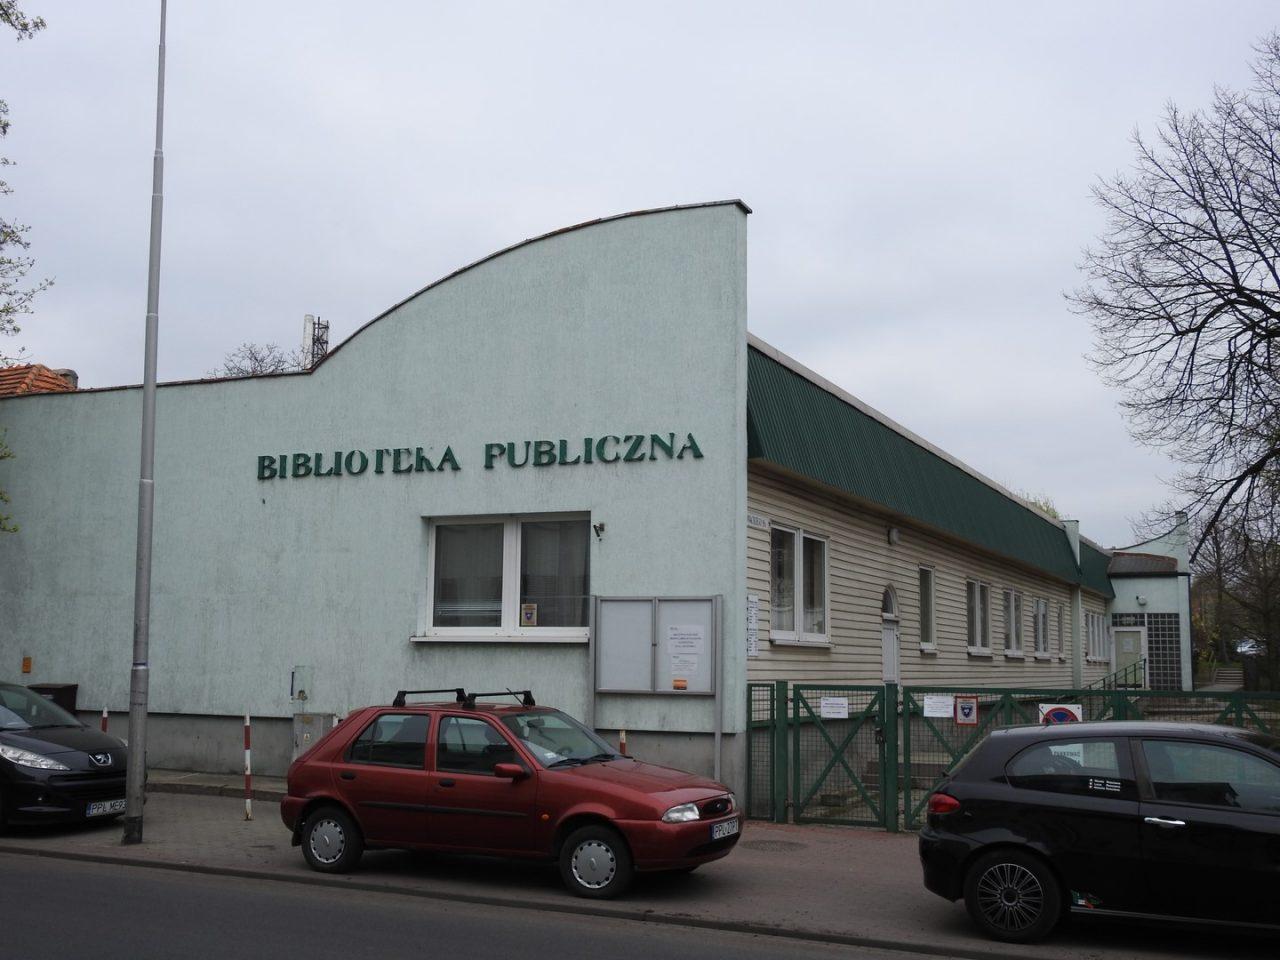 Biblioteka5-1280x960.jpg